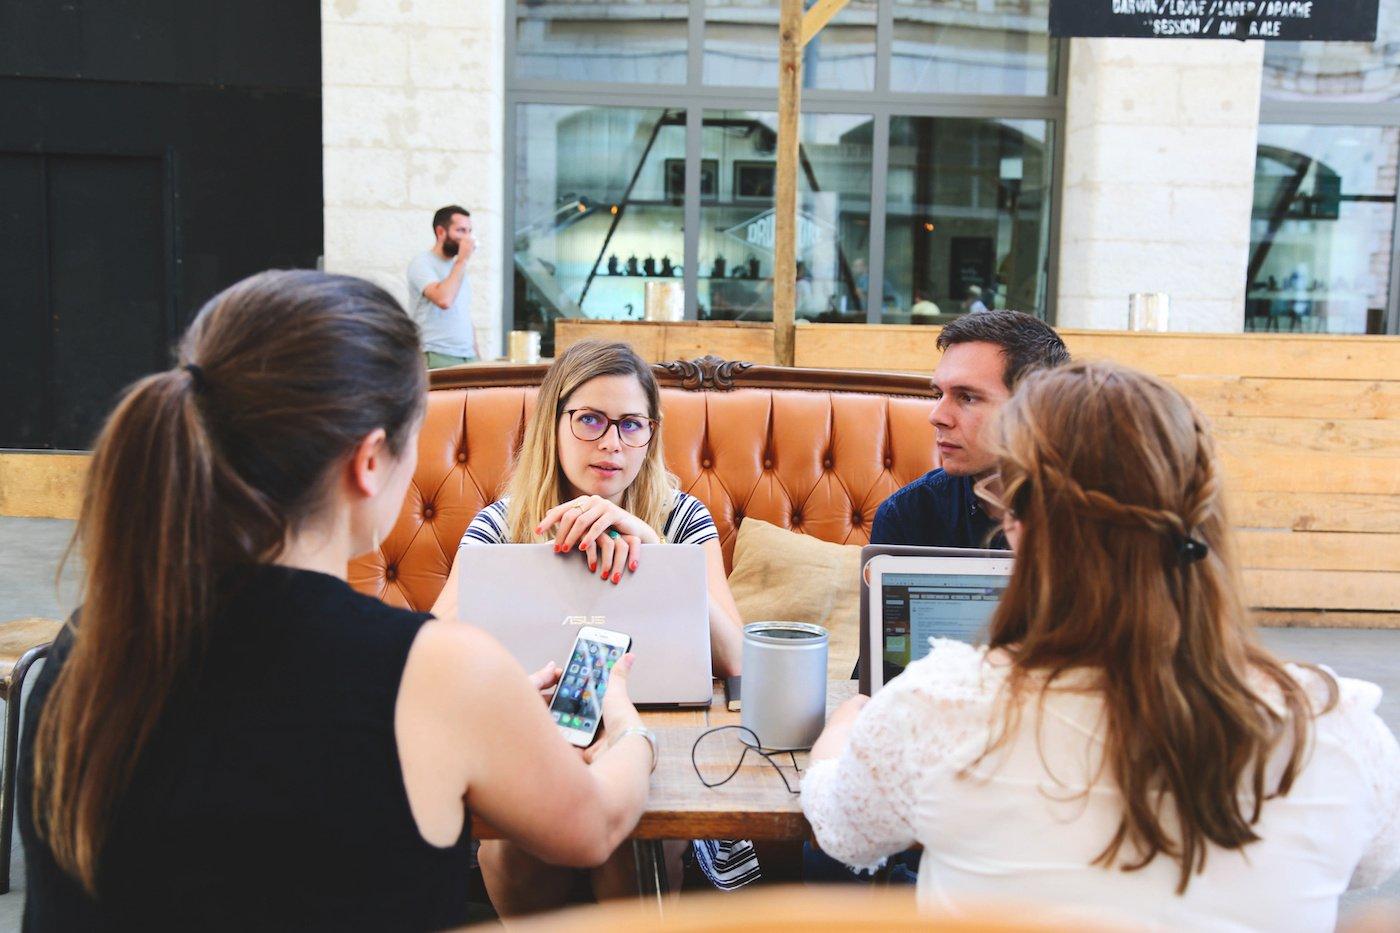 La SocialTech ou le numérique au service de la cause sociale